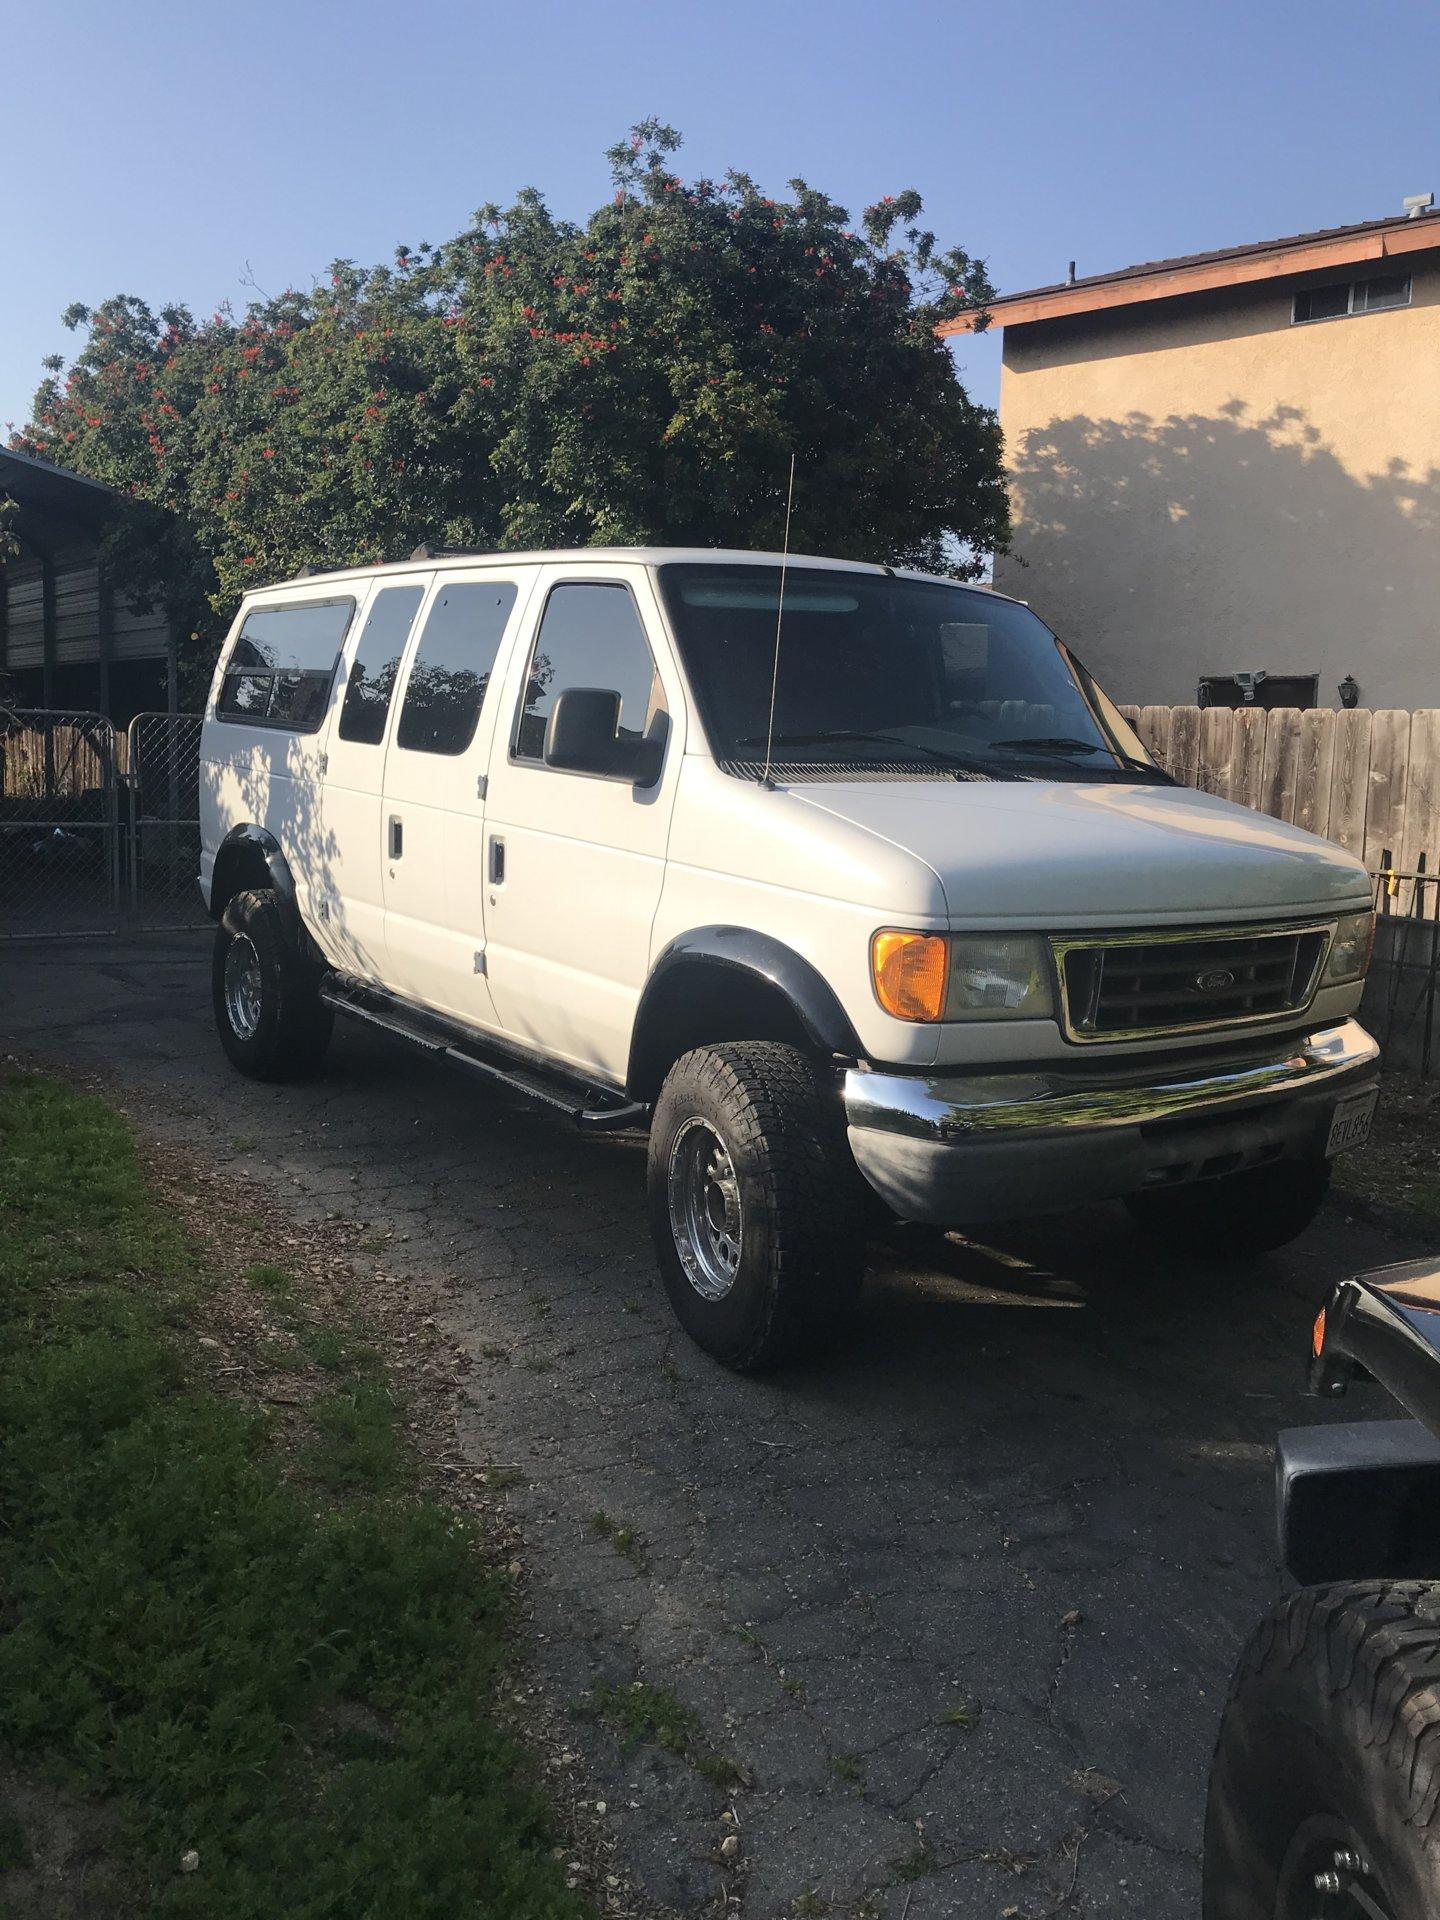 4X4 Van For Sale >> For Sale 2006 E350 4x4 Van Bloodydecks